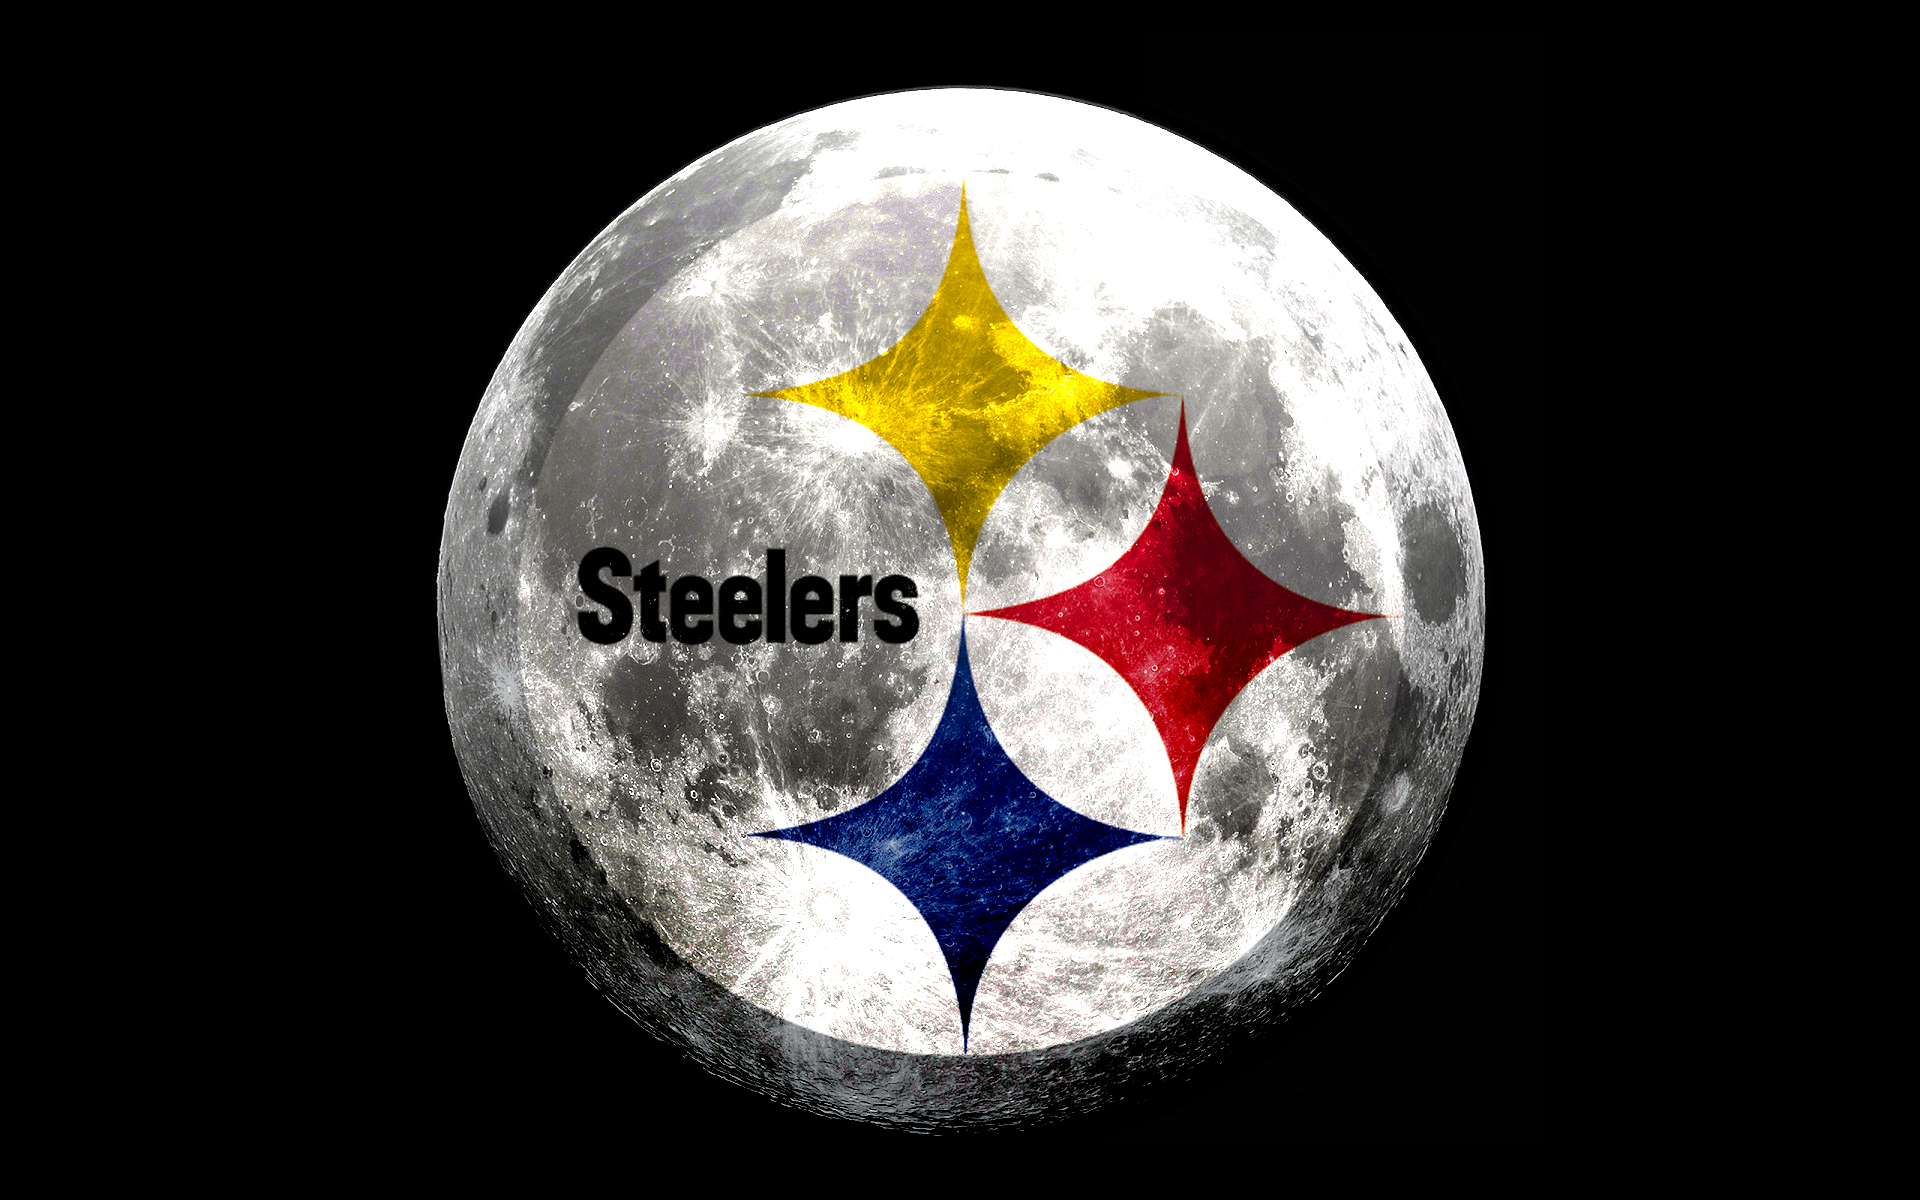 Steelers Wallpapers   Steel City Blitz 1920x1200